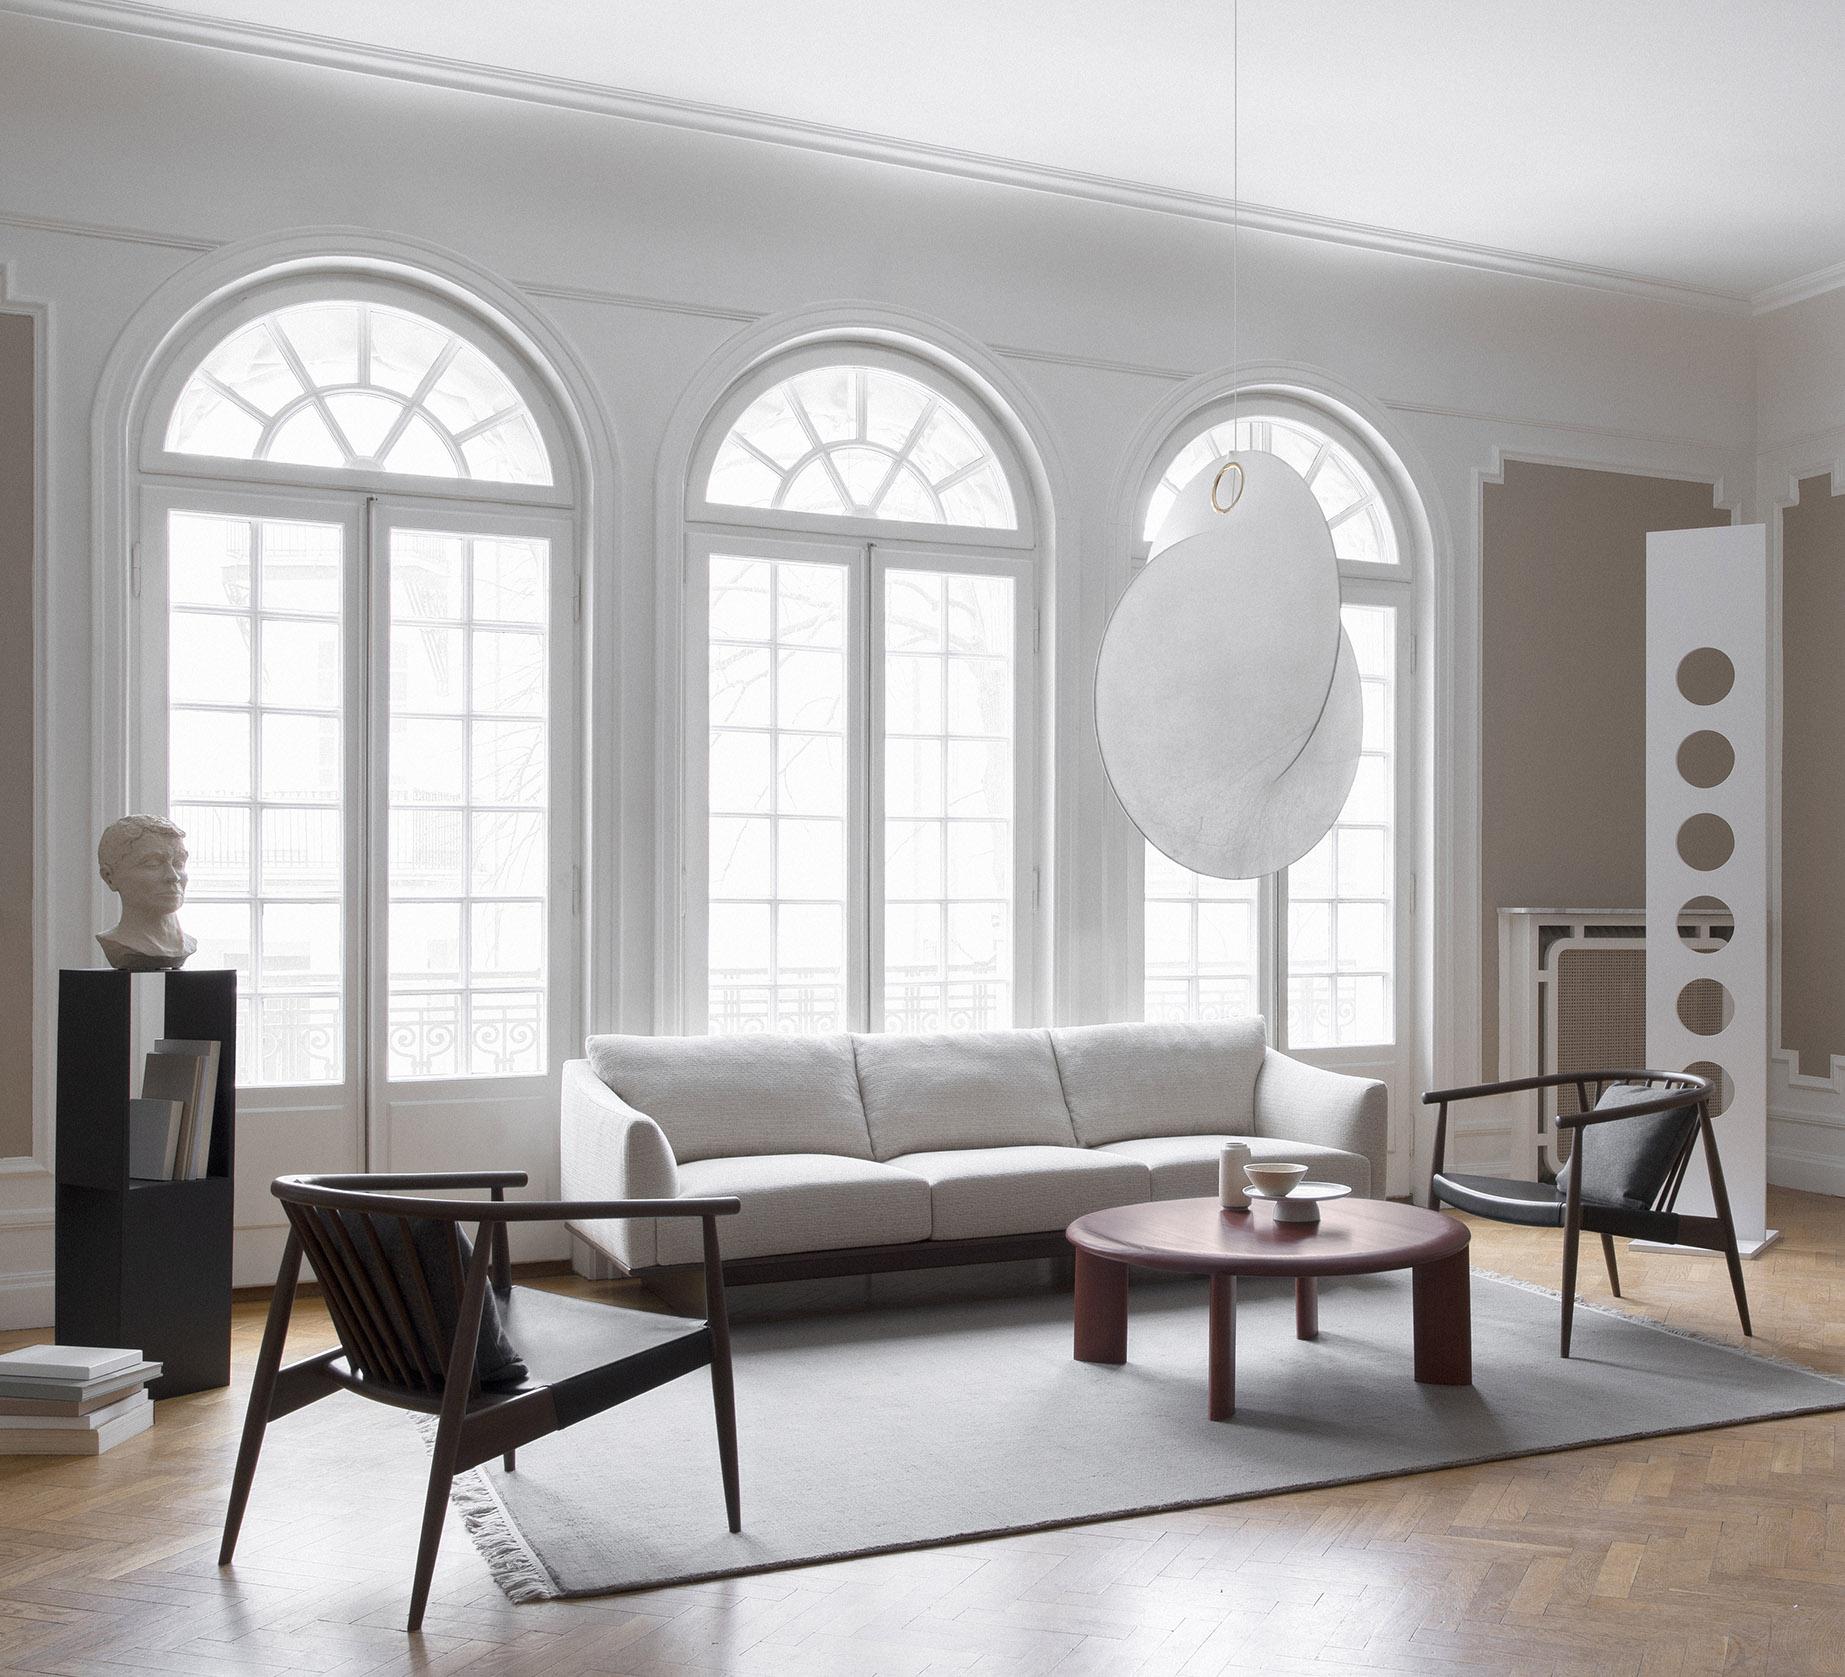 Grade-sofa_4_1845x1677